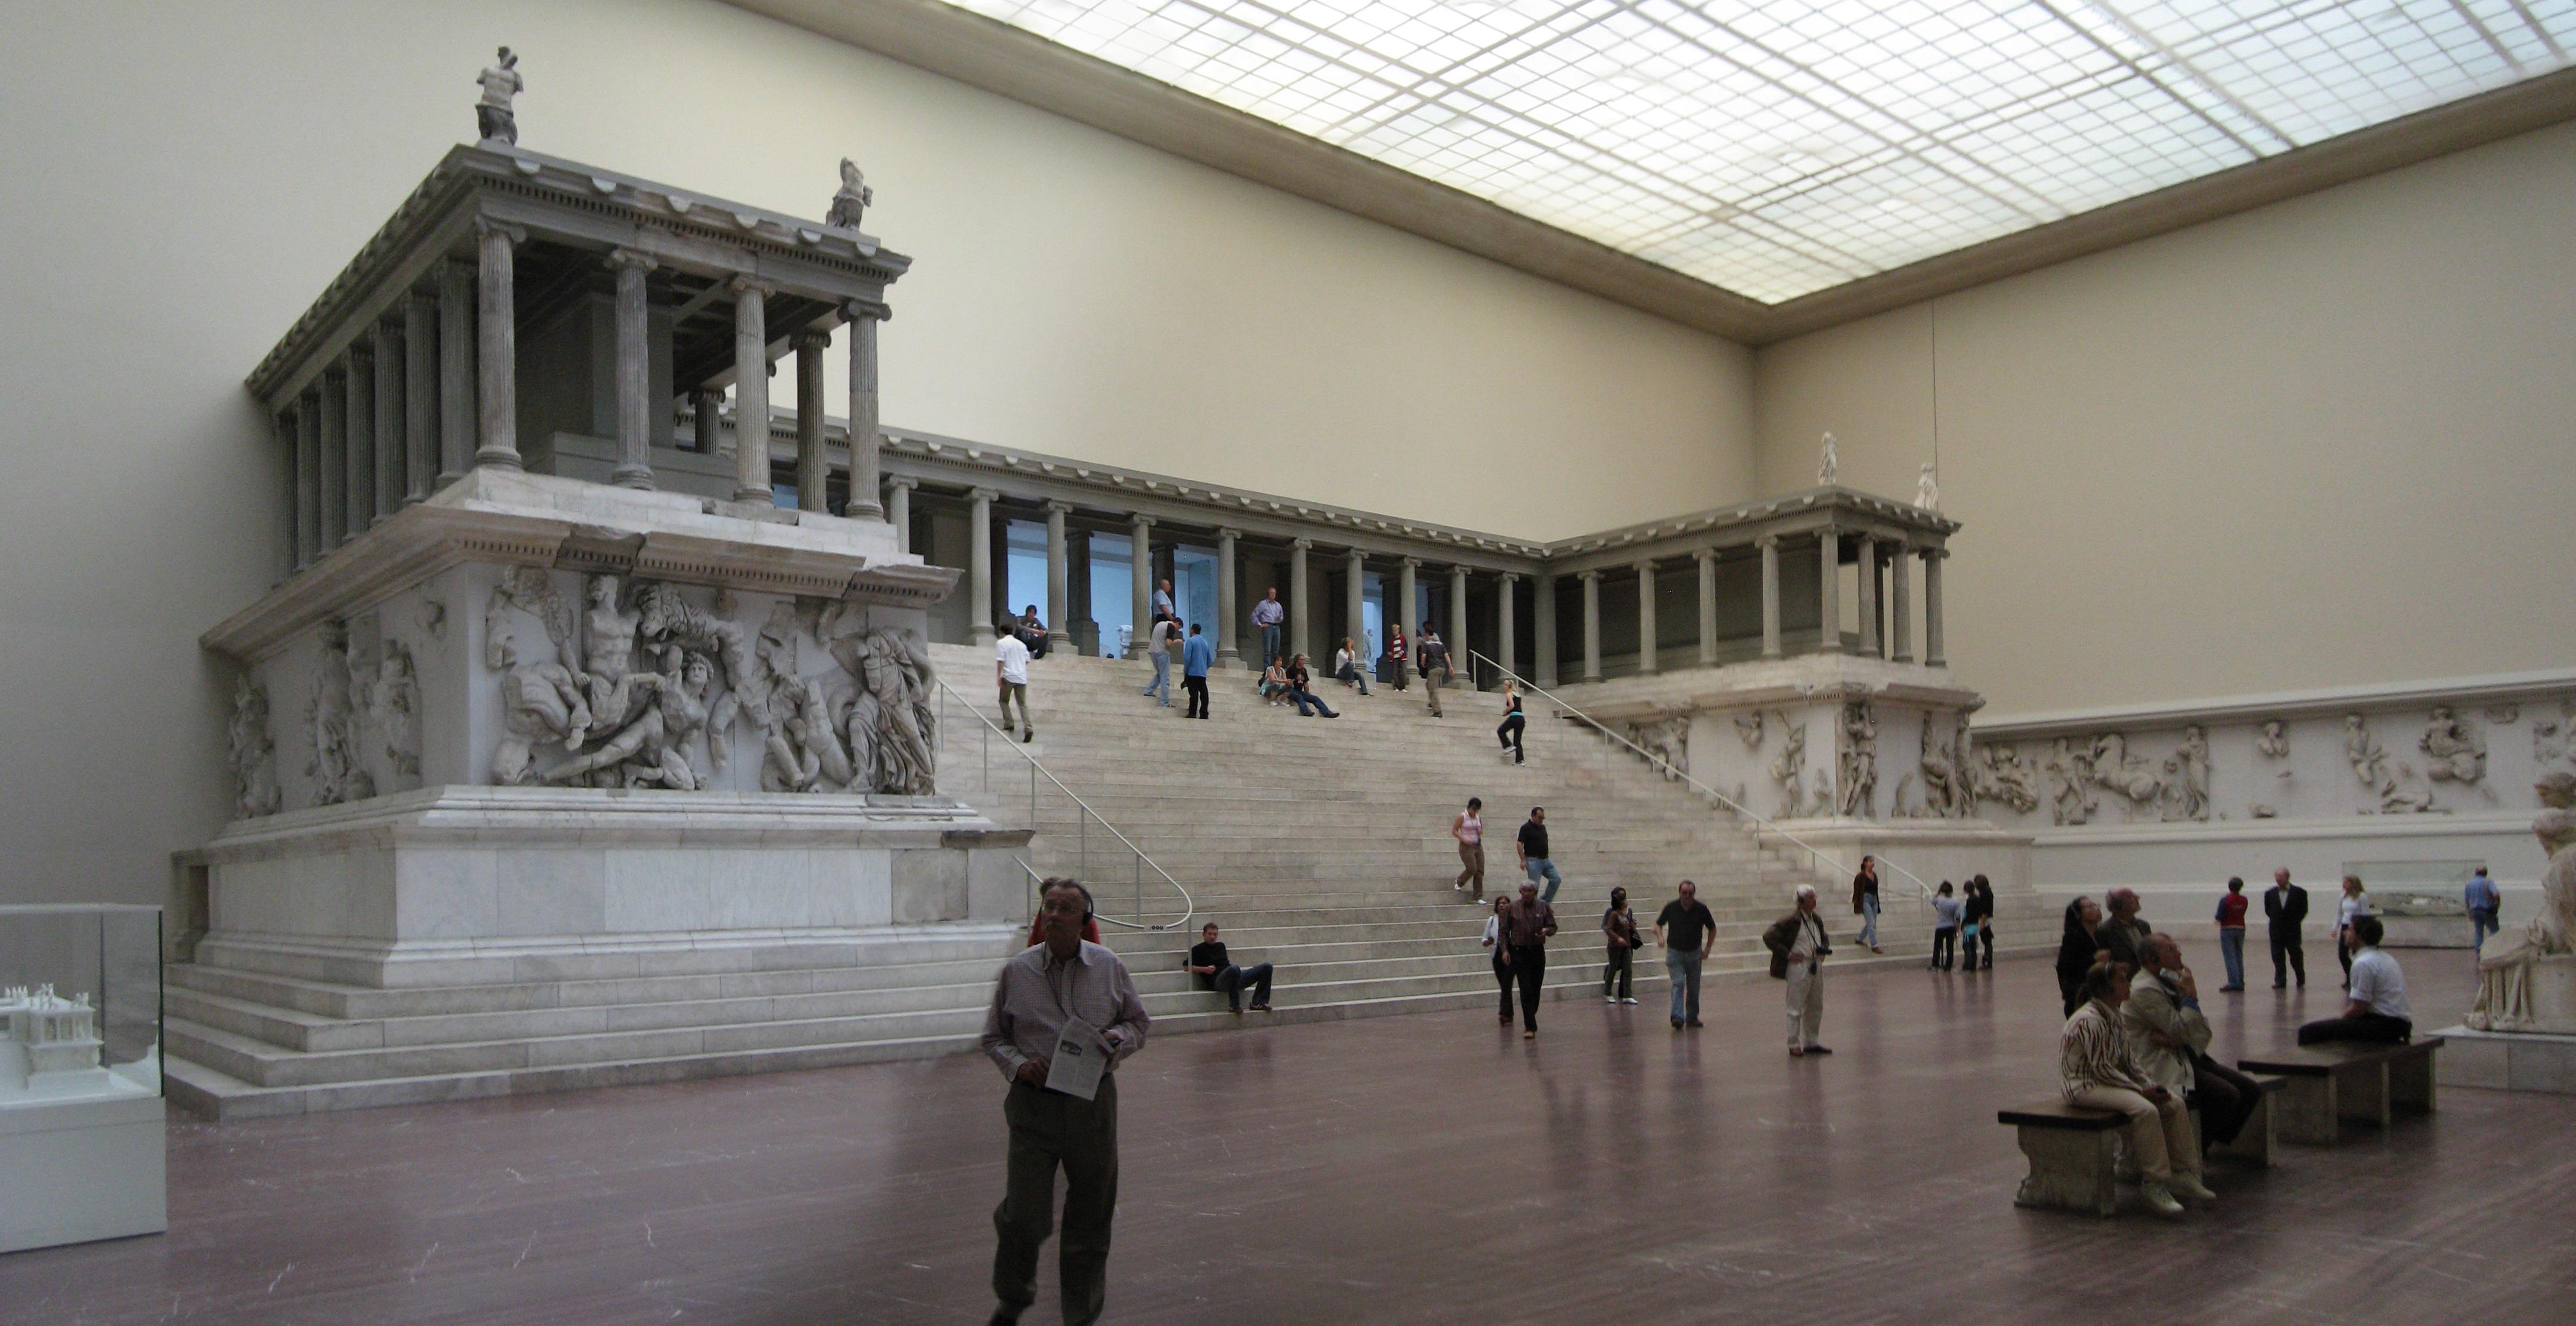 Must see seværdigheder i Berlin - Pergamon Museum - Rejsdiglykkelig.dk